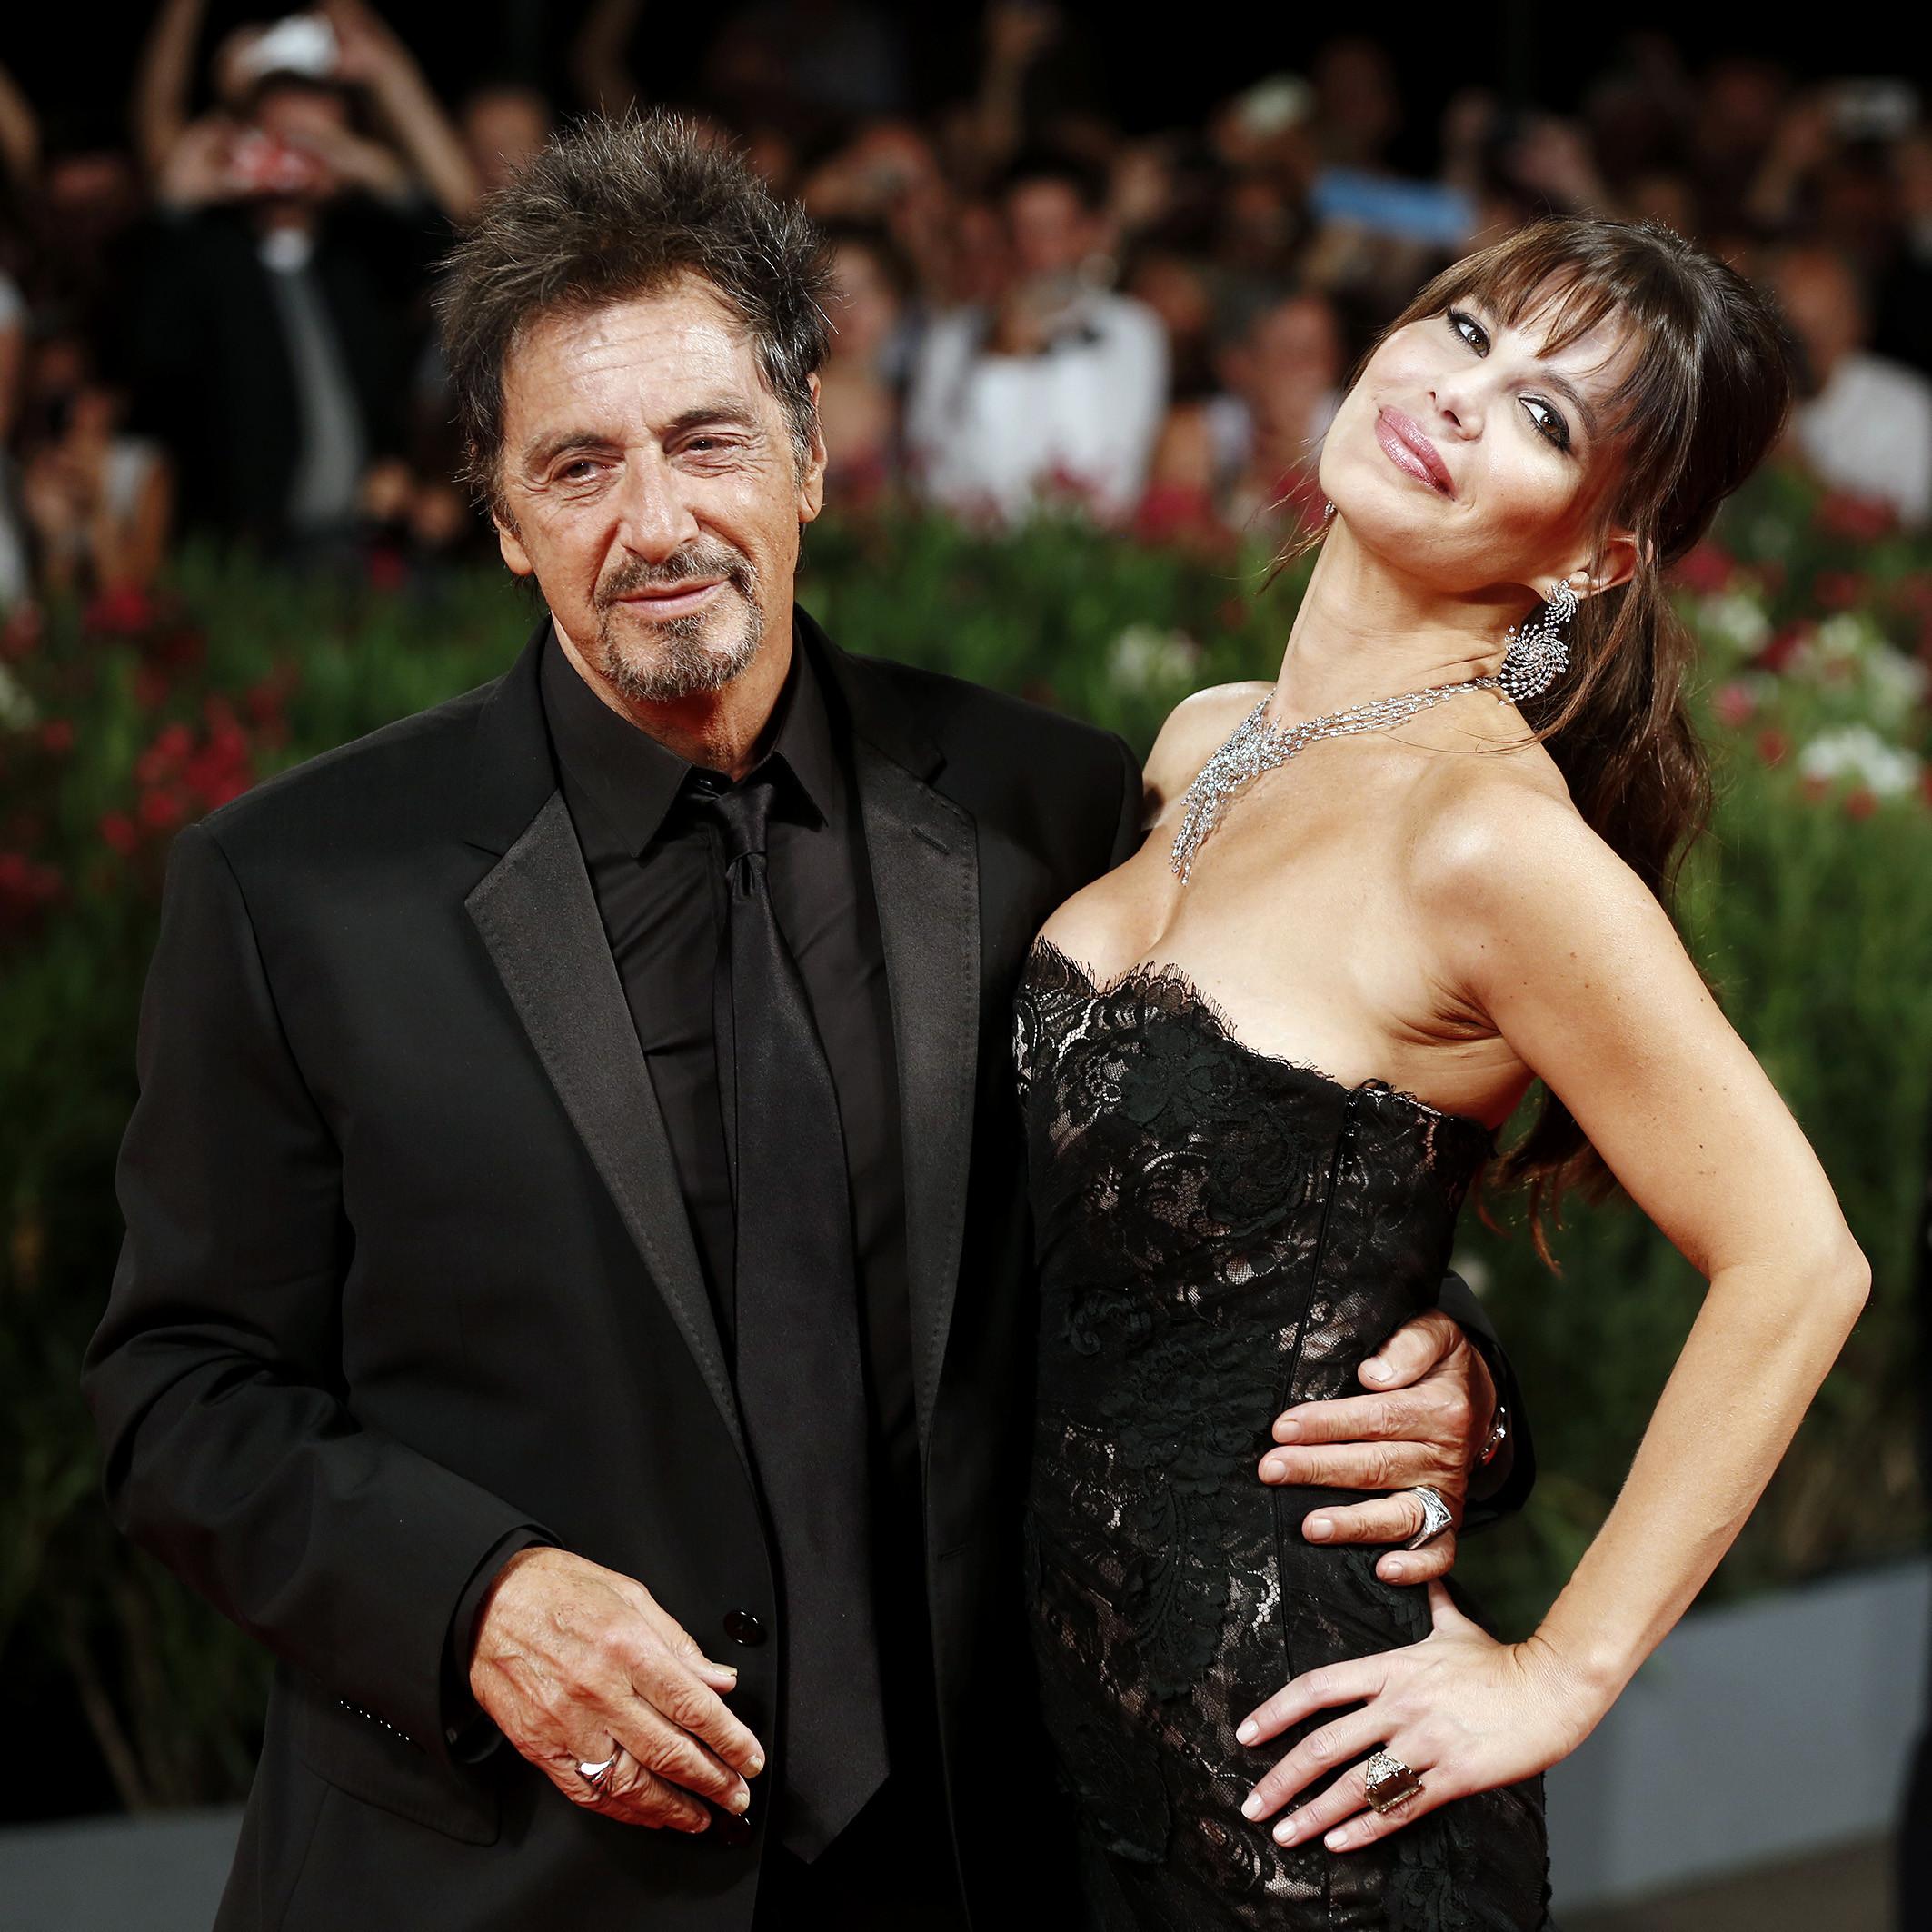 al Pacino Marriages al Pacino And Lucila Sola Al Pacino